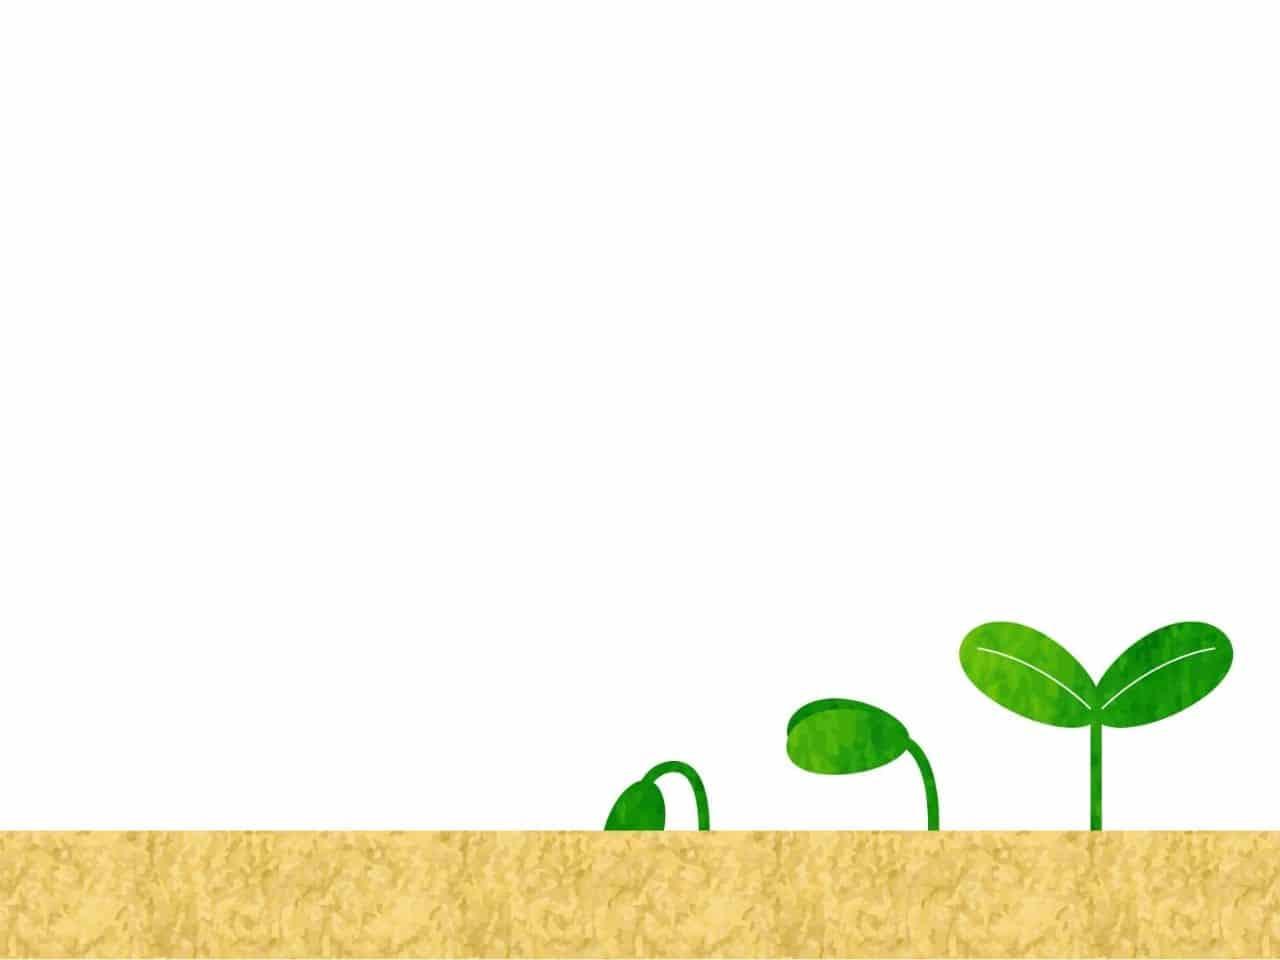 土から芽を出して成長する若葉